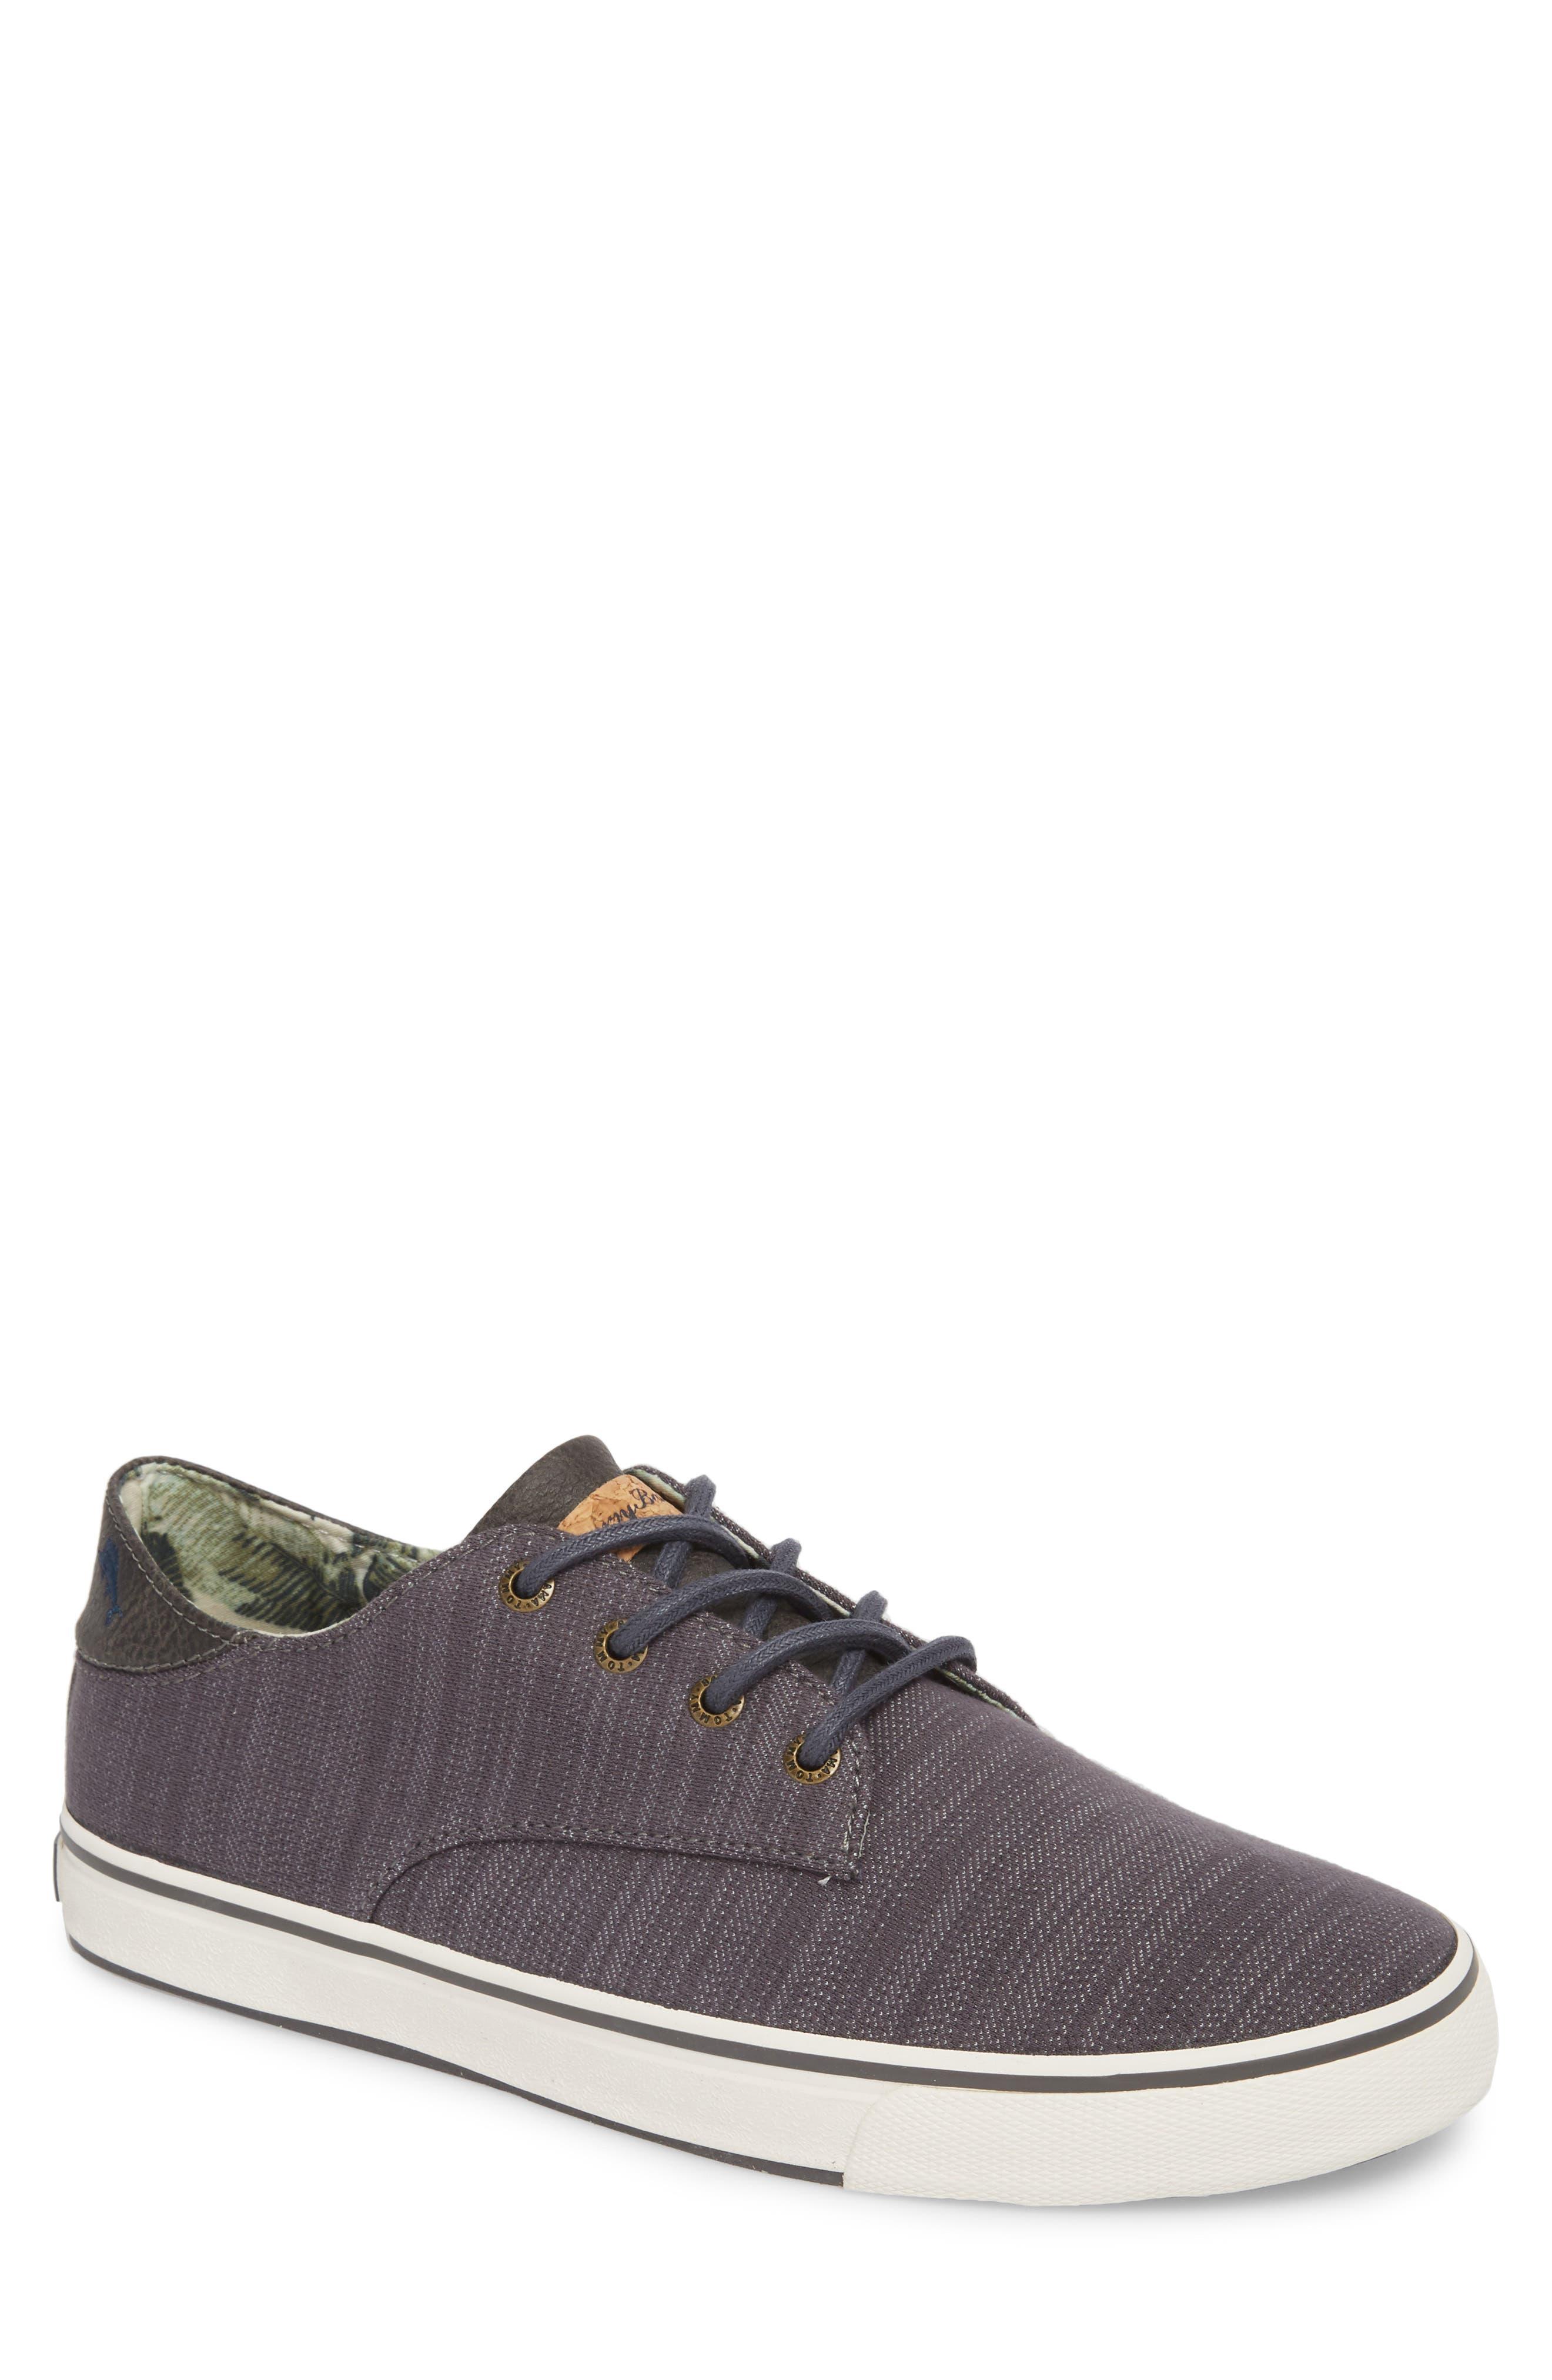 Dune Sneaker,                         Main,                         color, Grey Denim